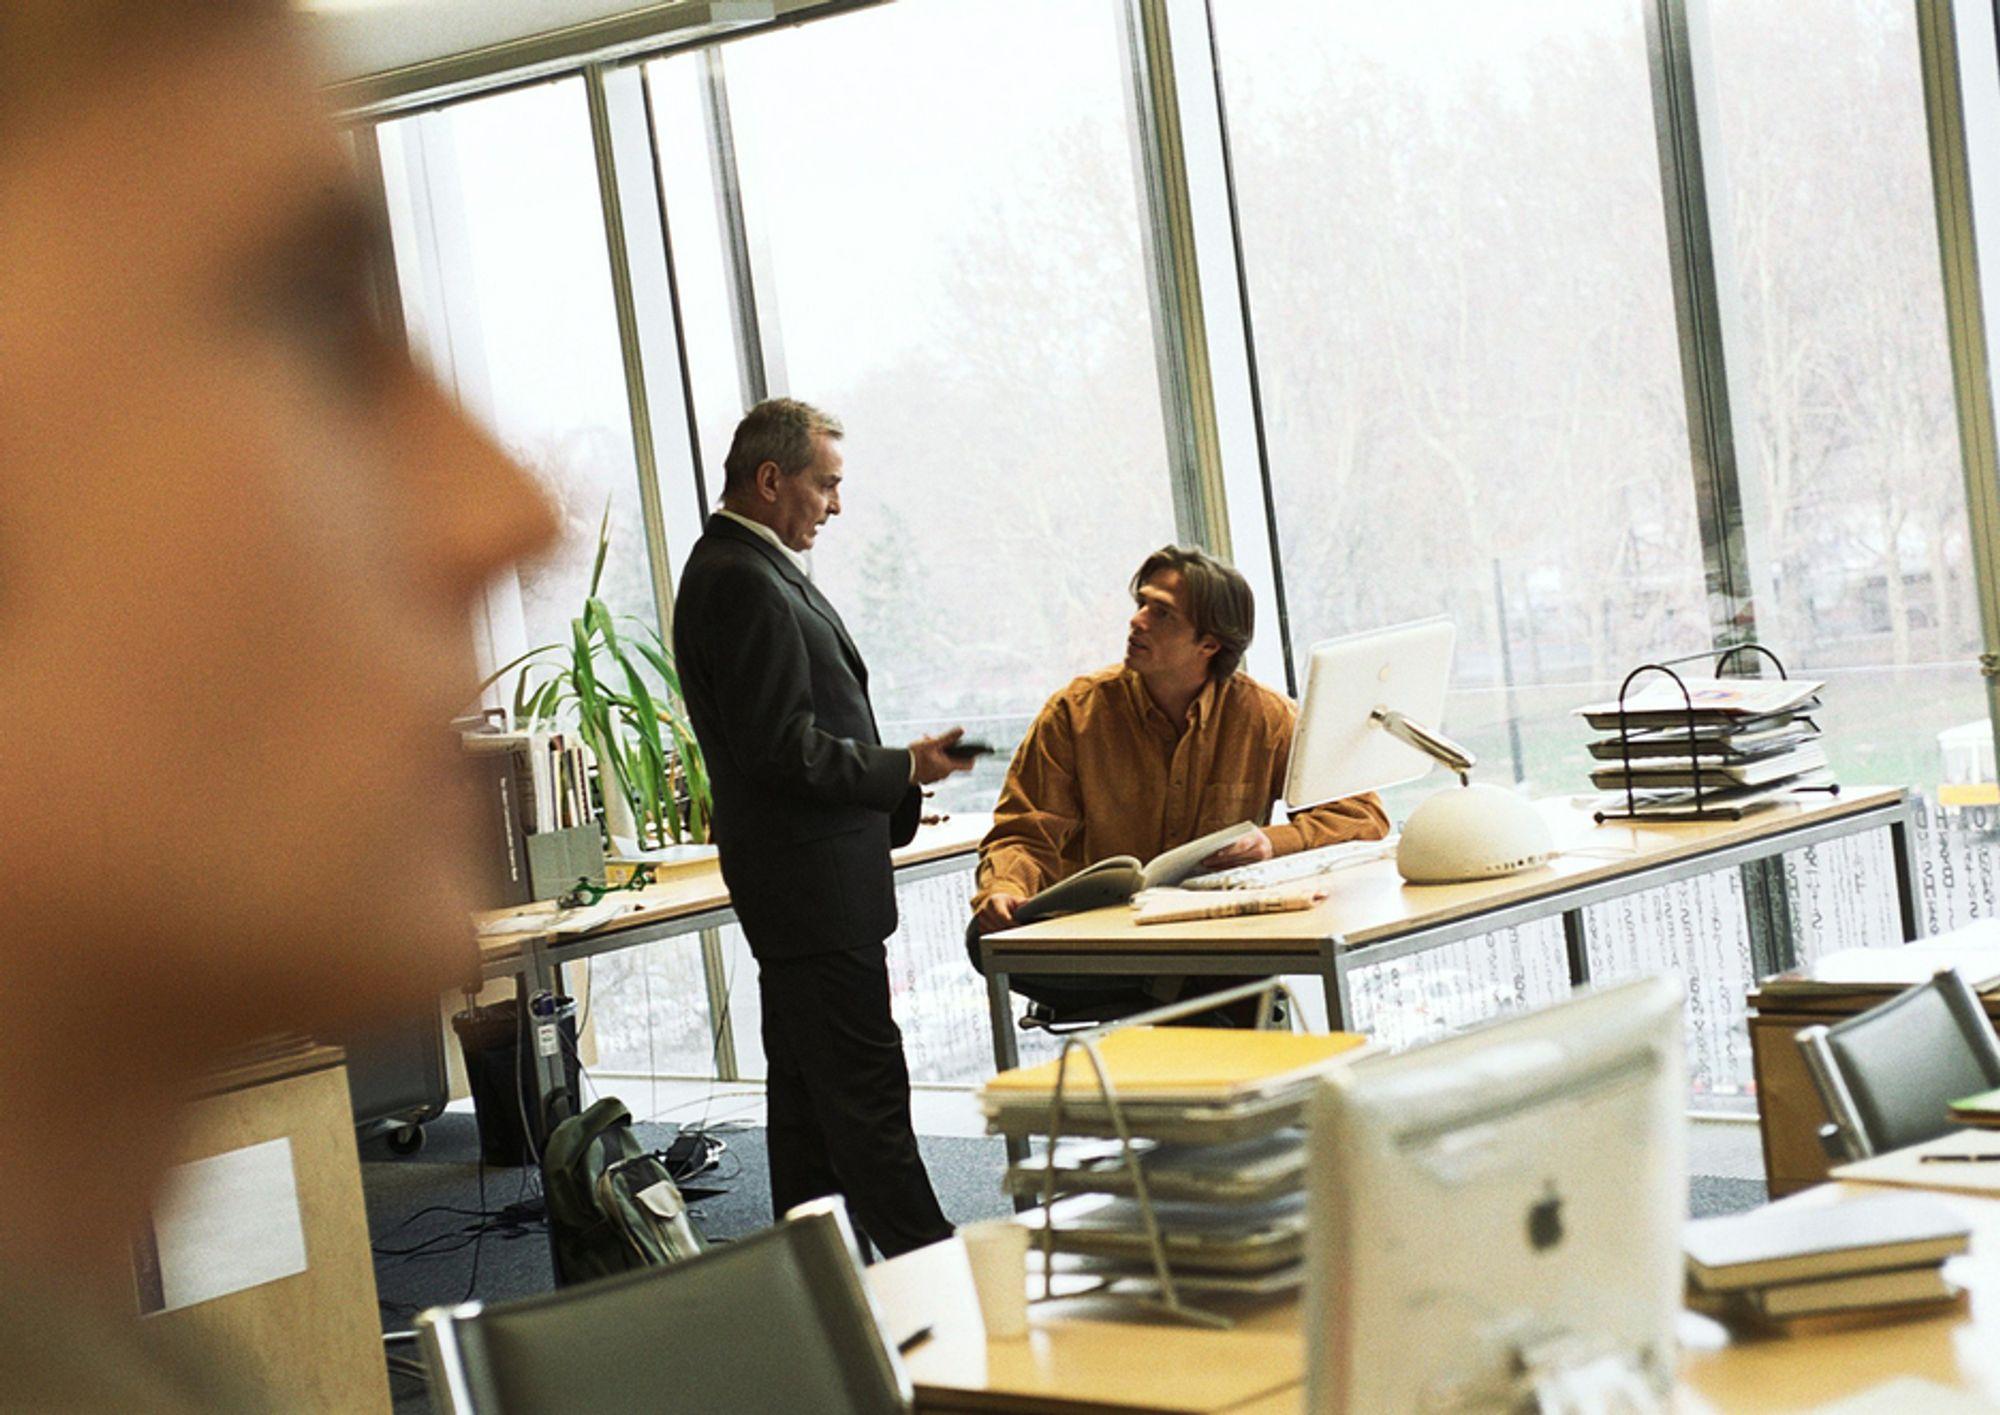 1 av 4 kan ikke jobbe uforstyrret på kontor. I åpent landskap er det tallet oppe i 44 prosent, viser en svensk undersøkelse.